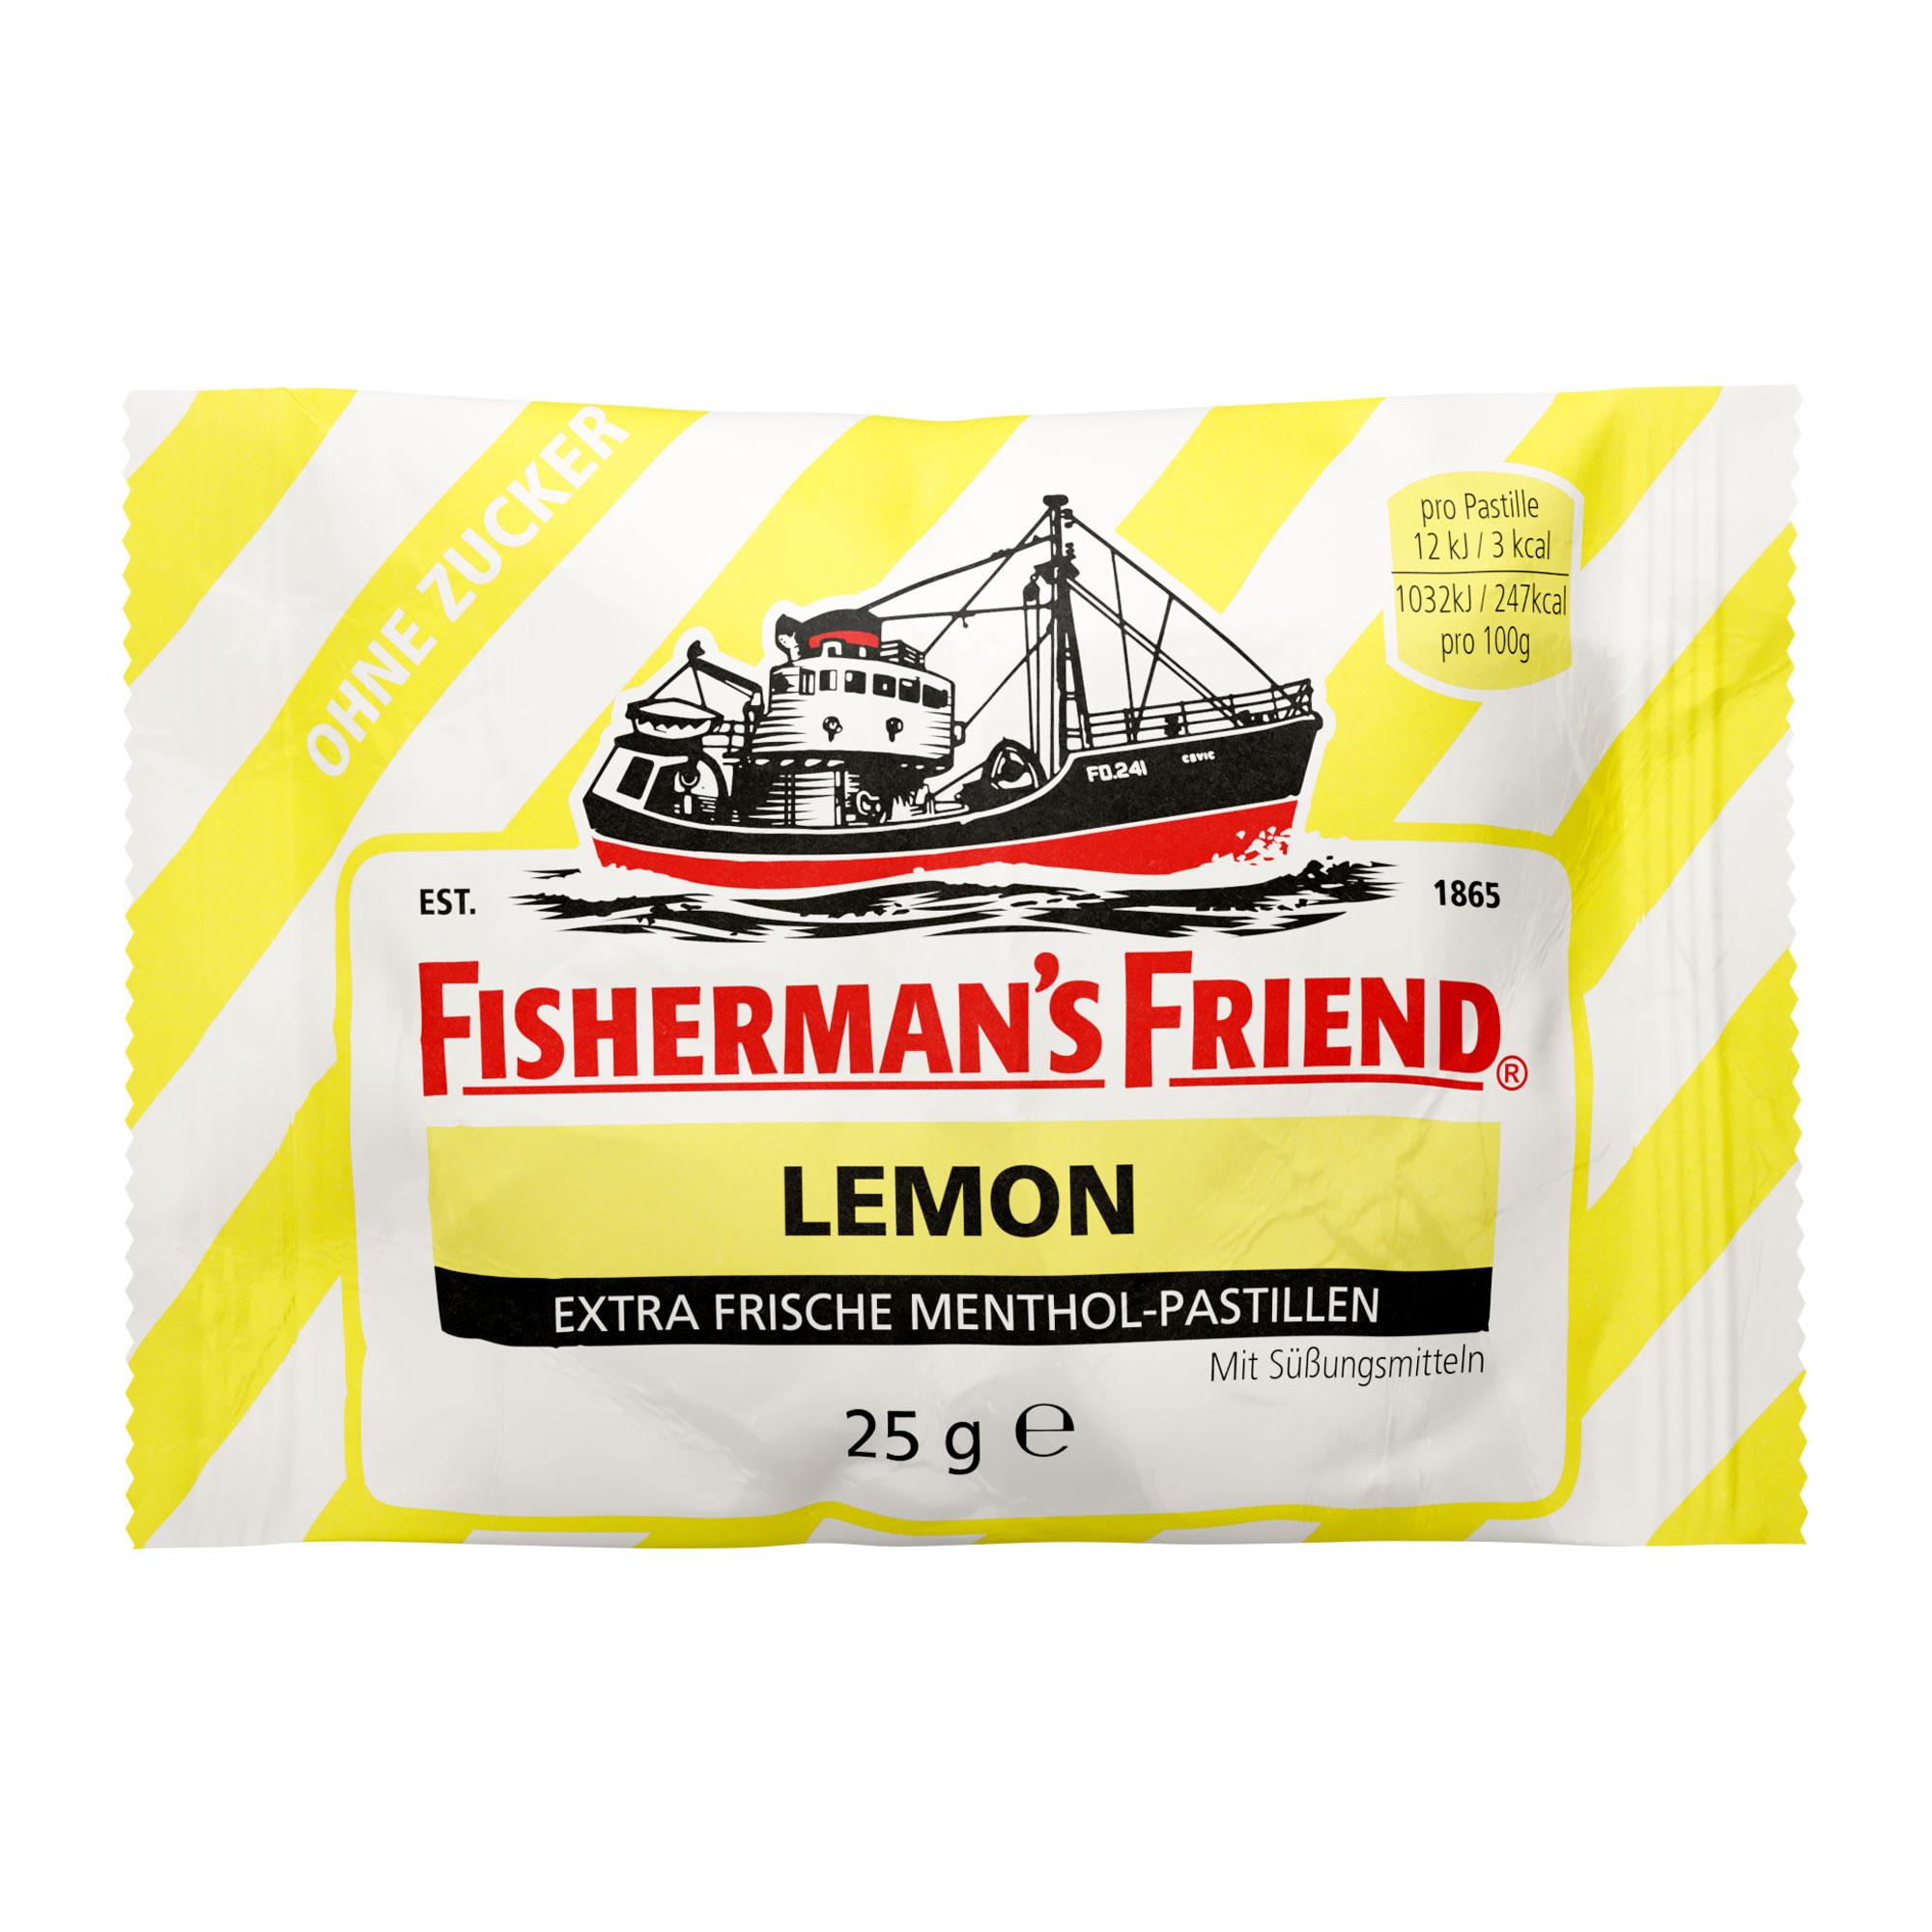 Fishermans Friend Lemon Pastillen ohne Zucker